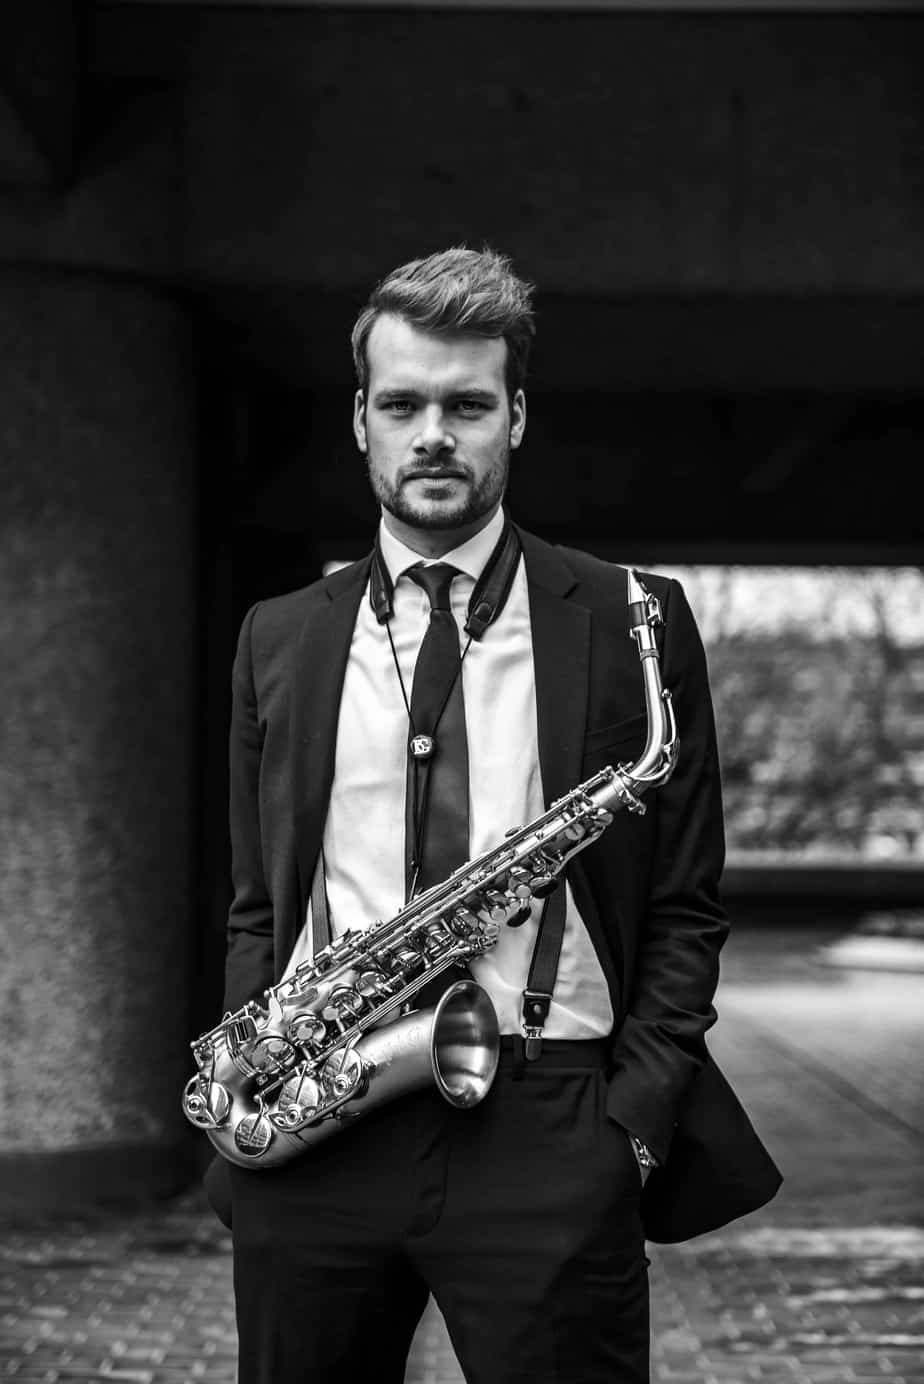 Alex Chadwick - saxophonist for DJs 3